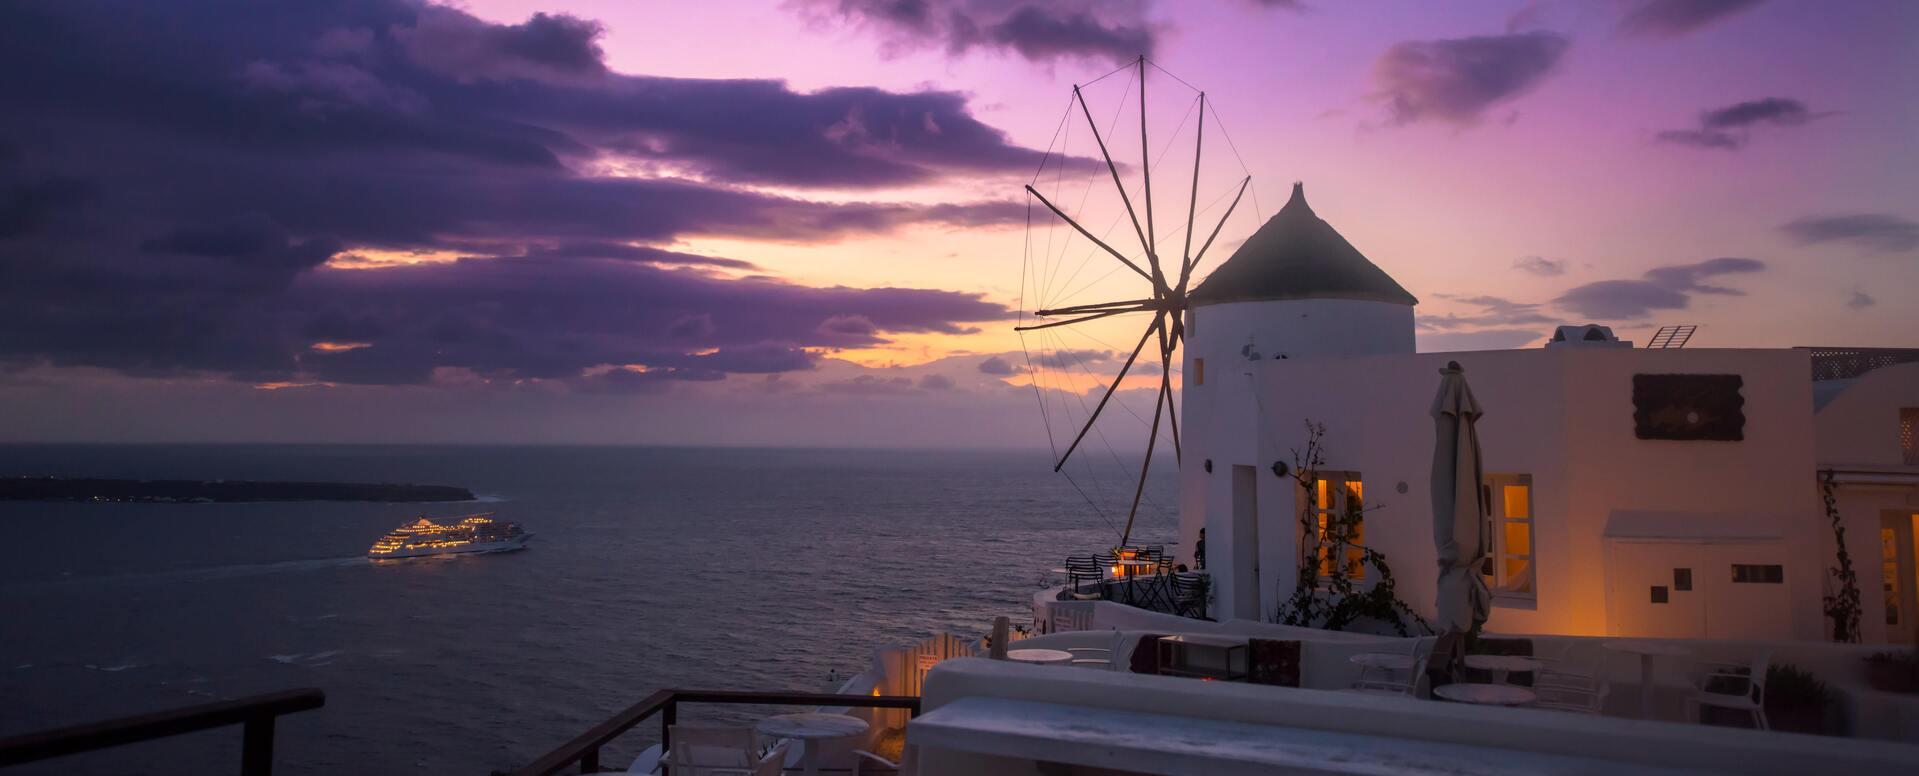 Vacaciones en Grecia Viajar a Grecia